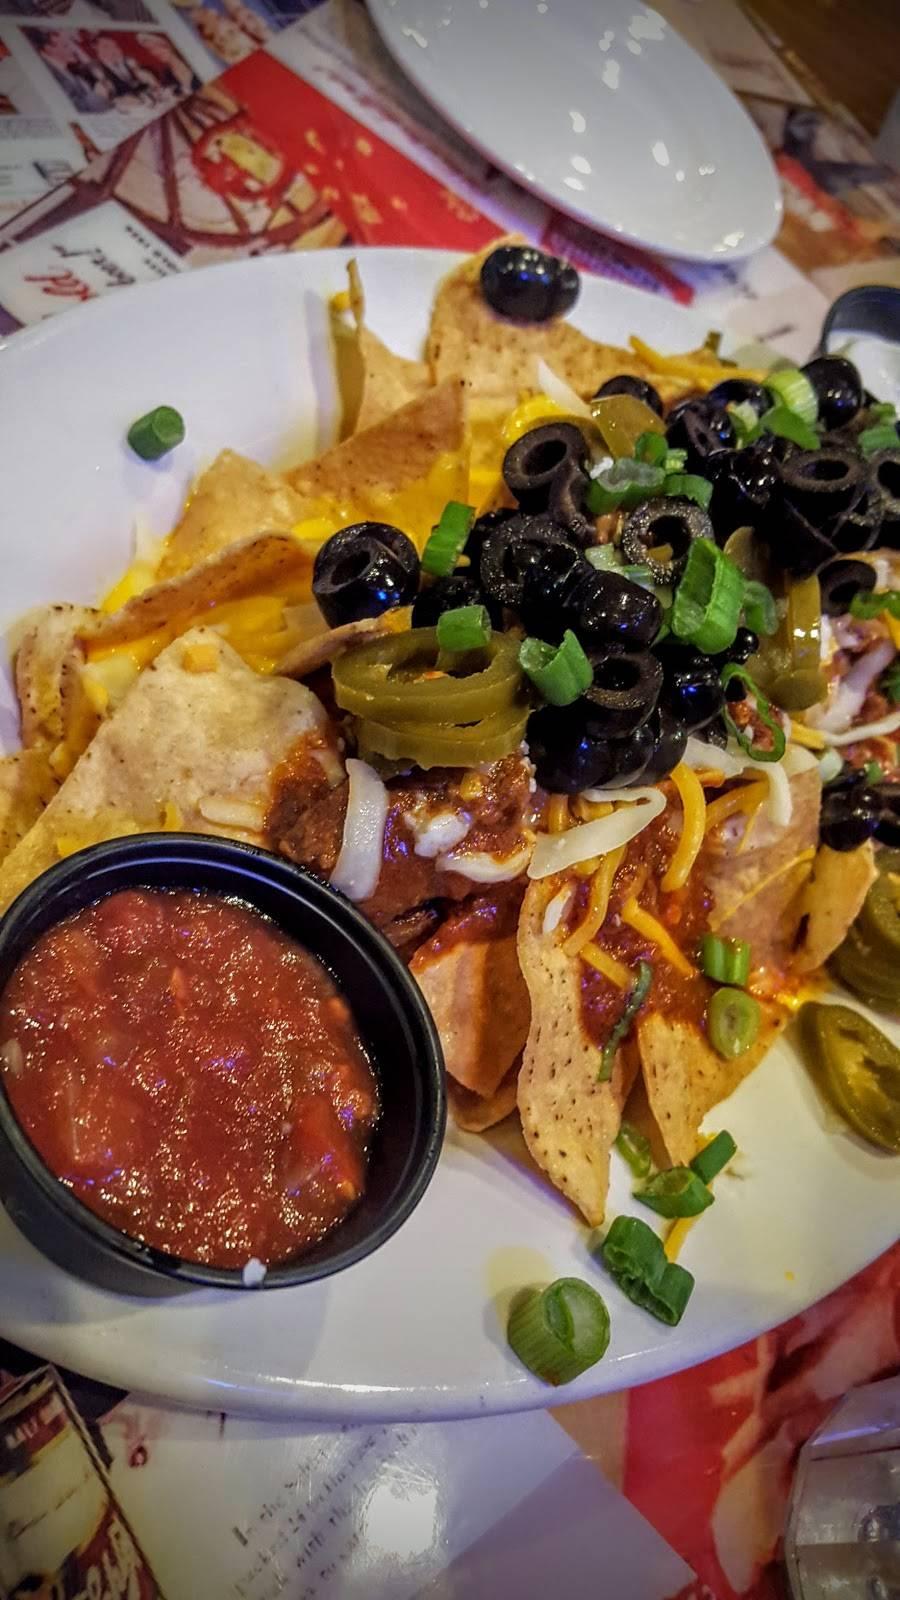 Philly Tap & Tavern | restaurant | 777 Harrahs Blvd, Chester, PA 19013, USA | 4844901774 OR +1 484-490-1774